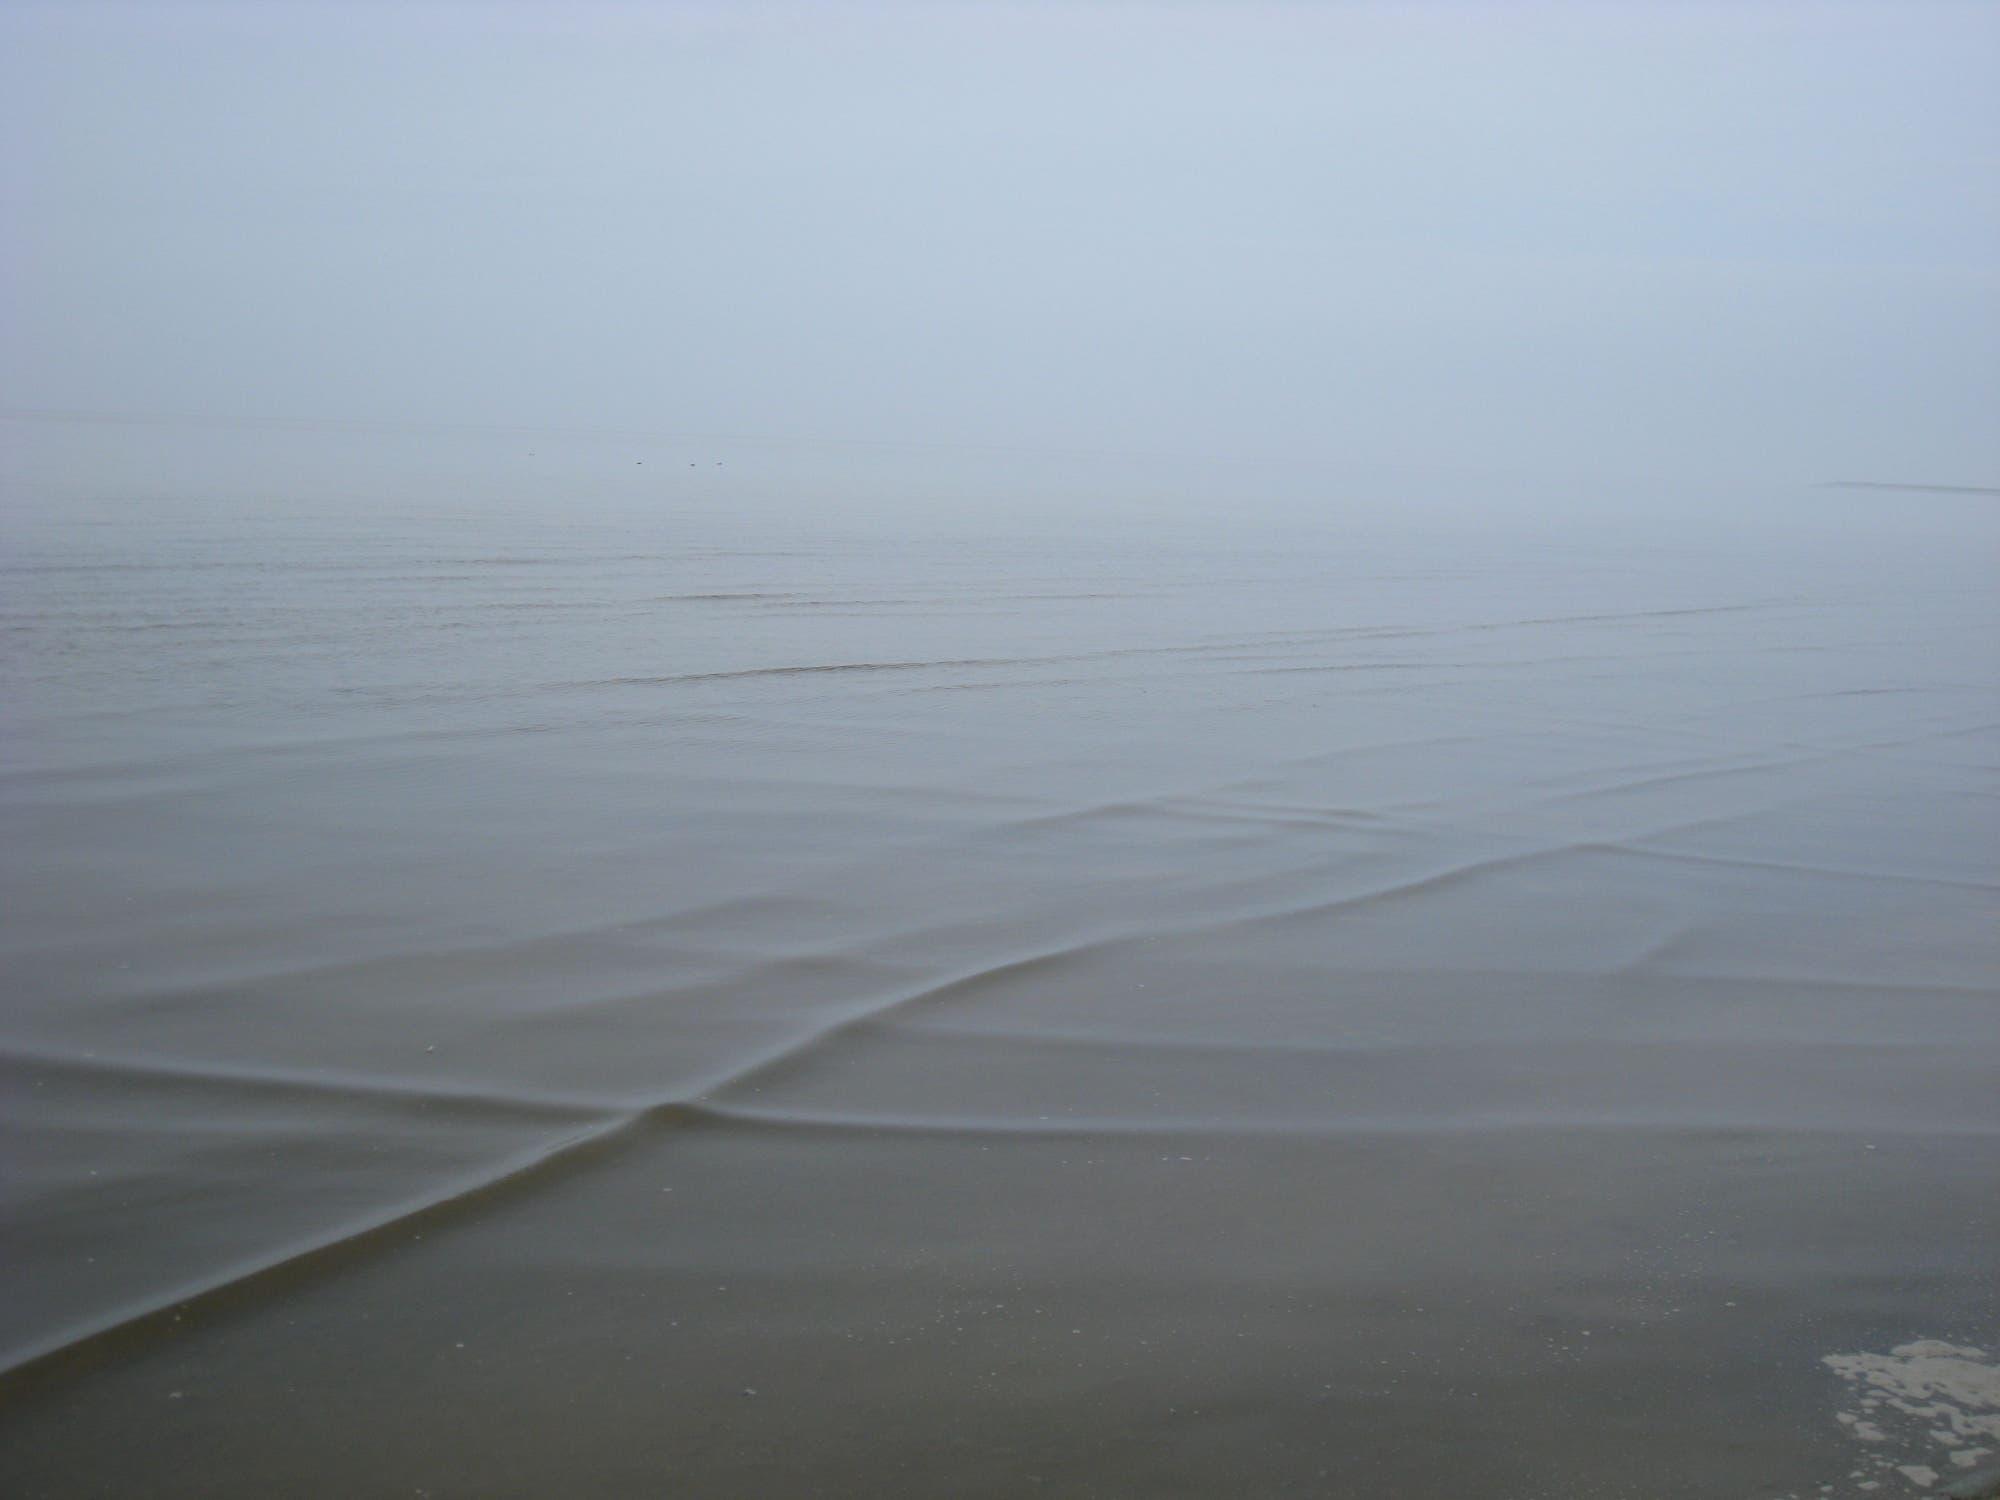 Foto flacher Wellen in Ufernähe im Watt, die sich kreuzweise durchdringen.